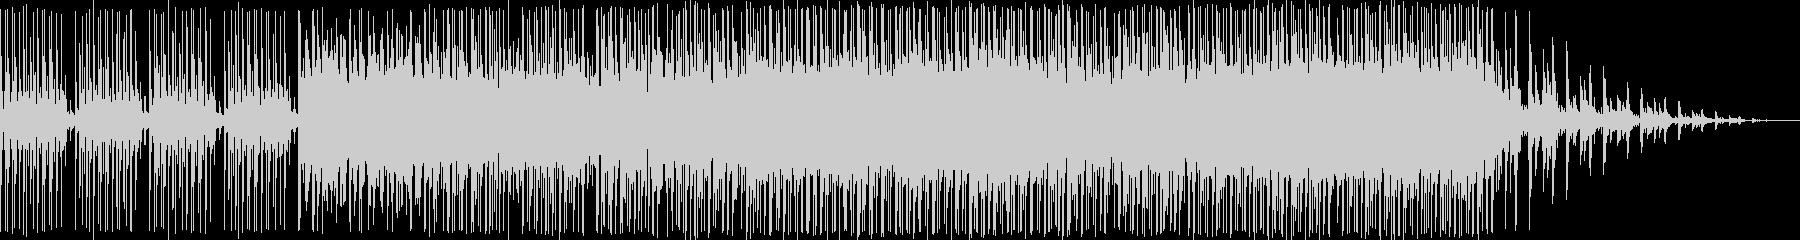 未来的なイメージのハイテンションEDMの未再生の波形